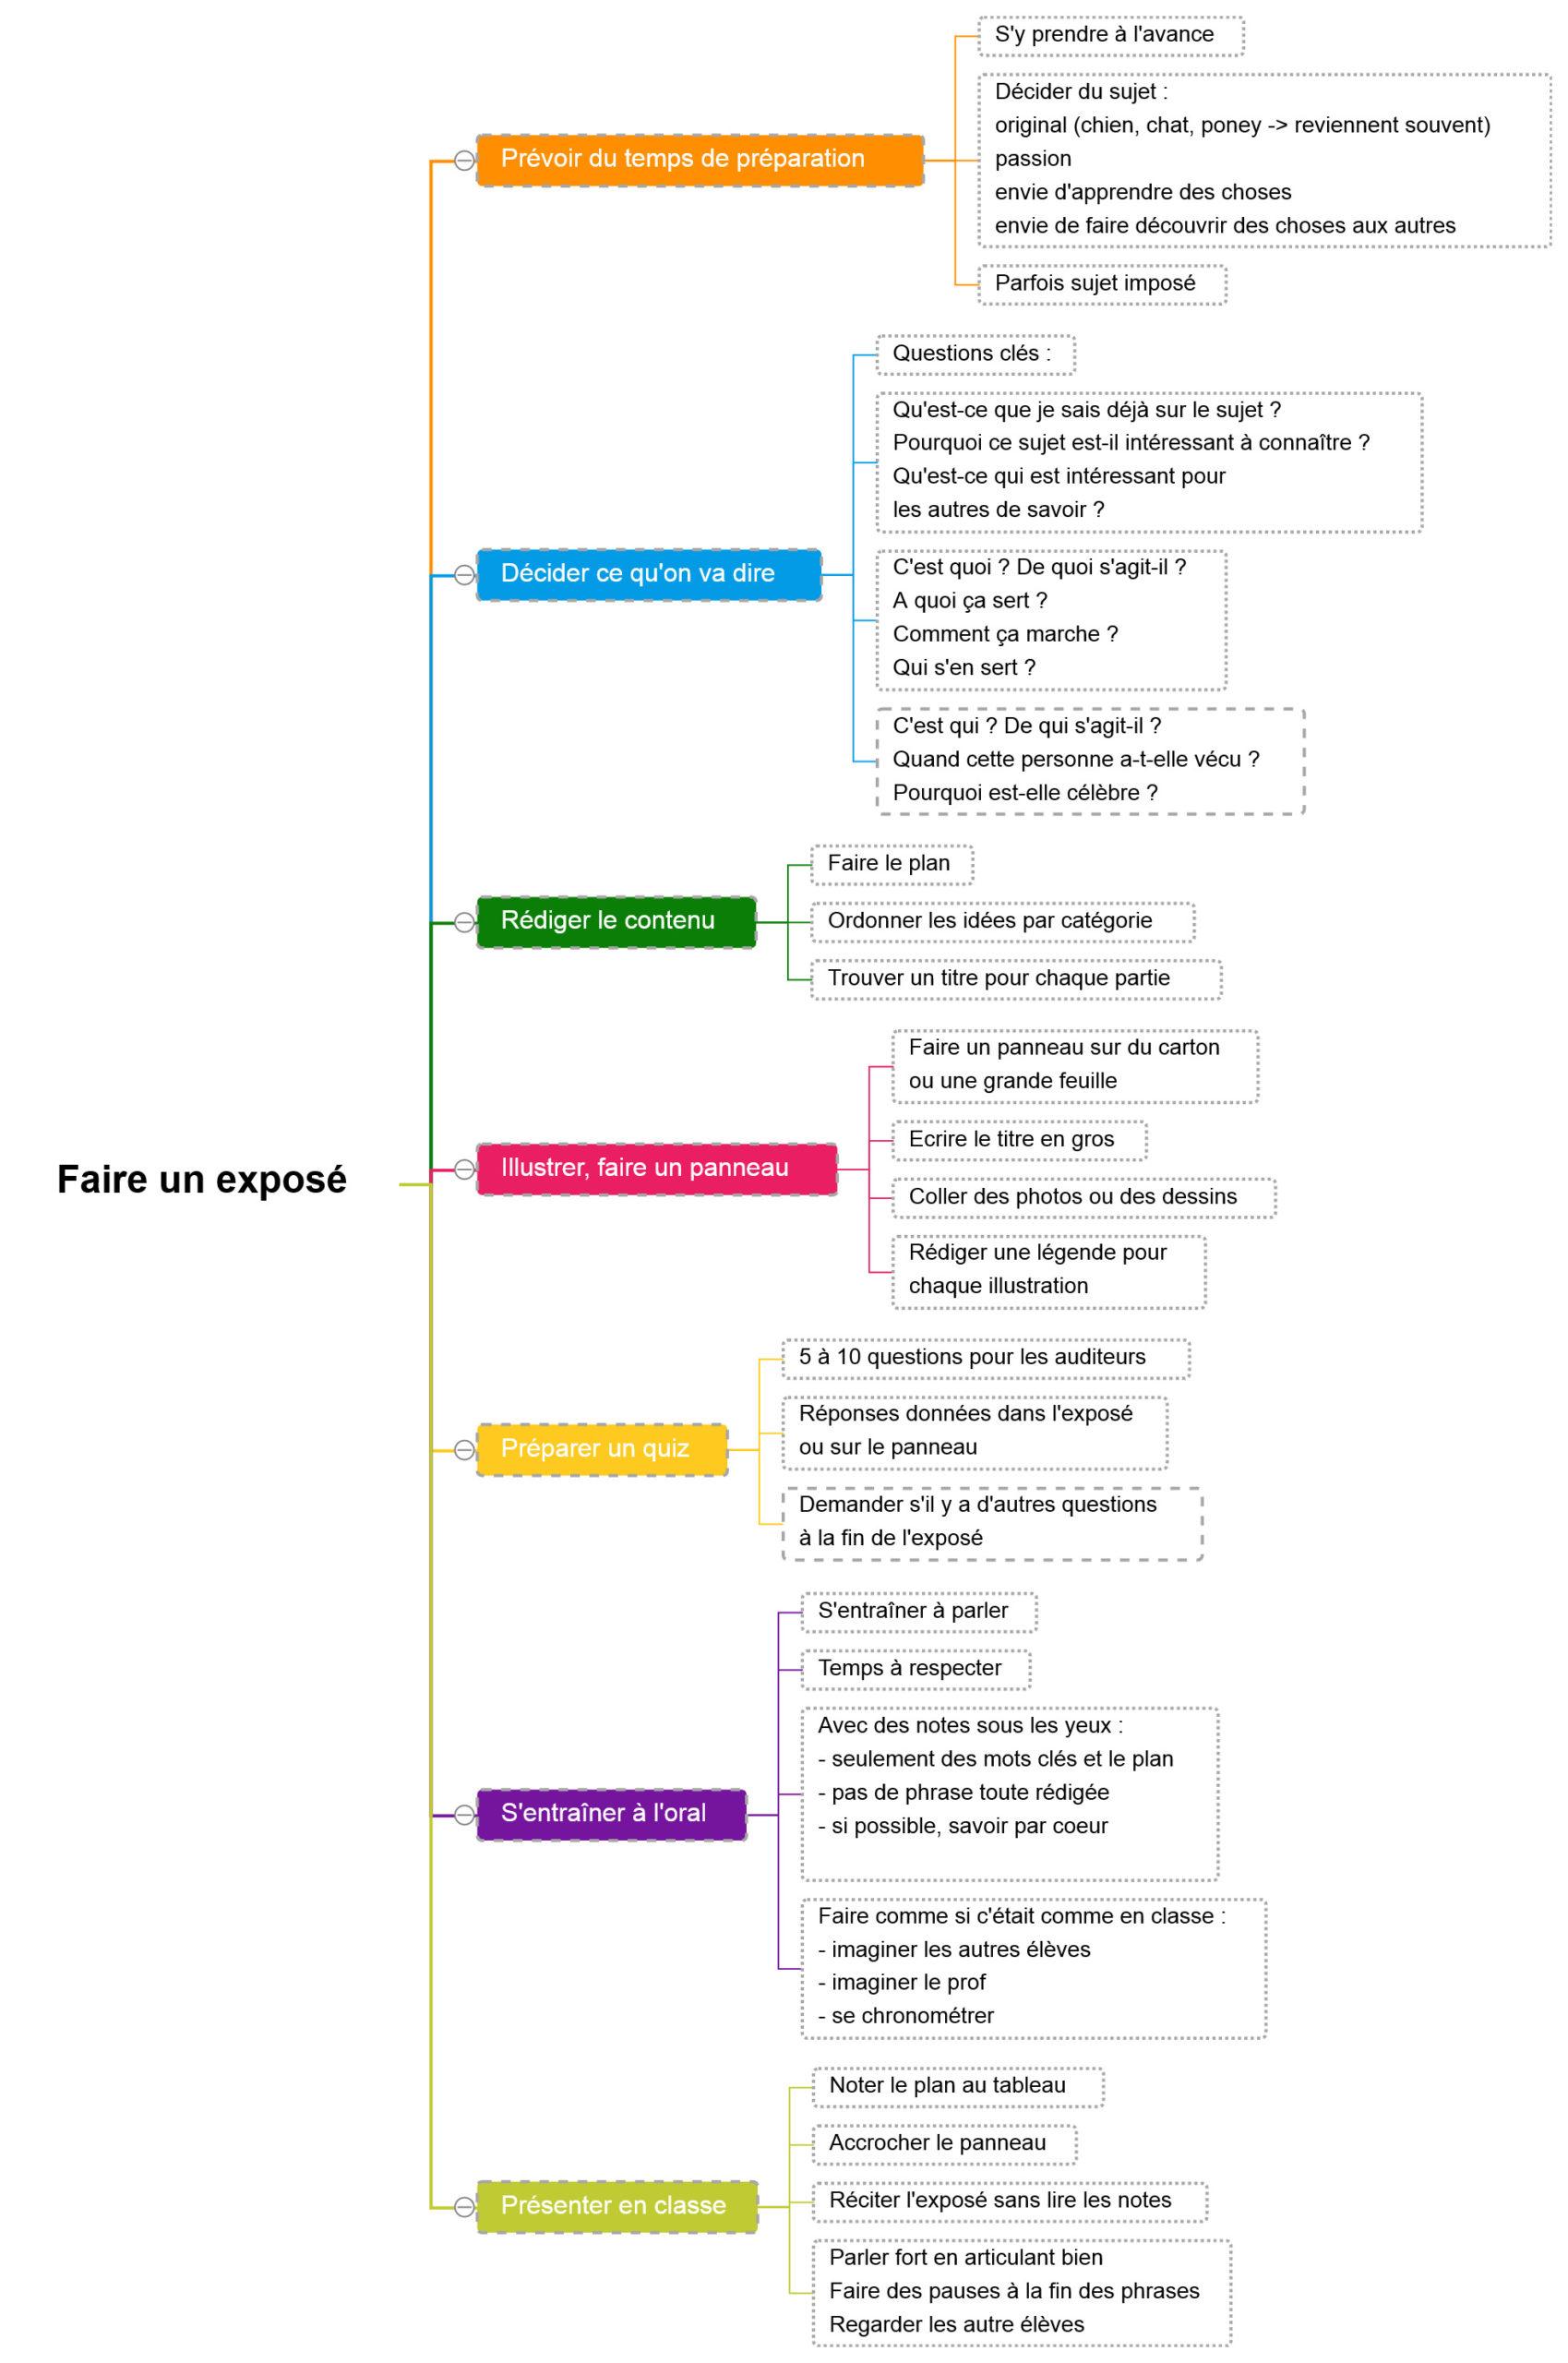 carte mentale pour préparer un exposé CM1 CM2